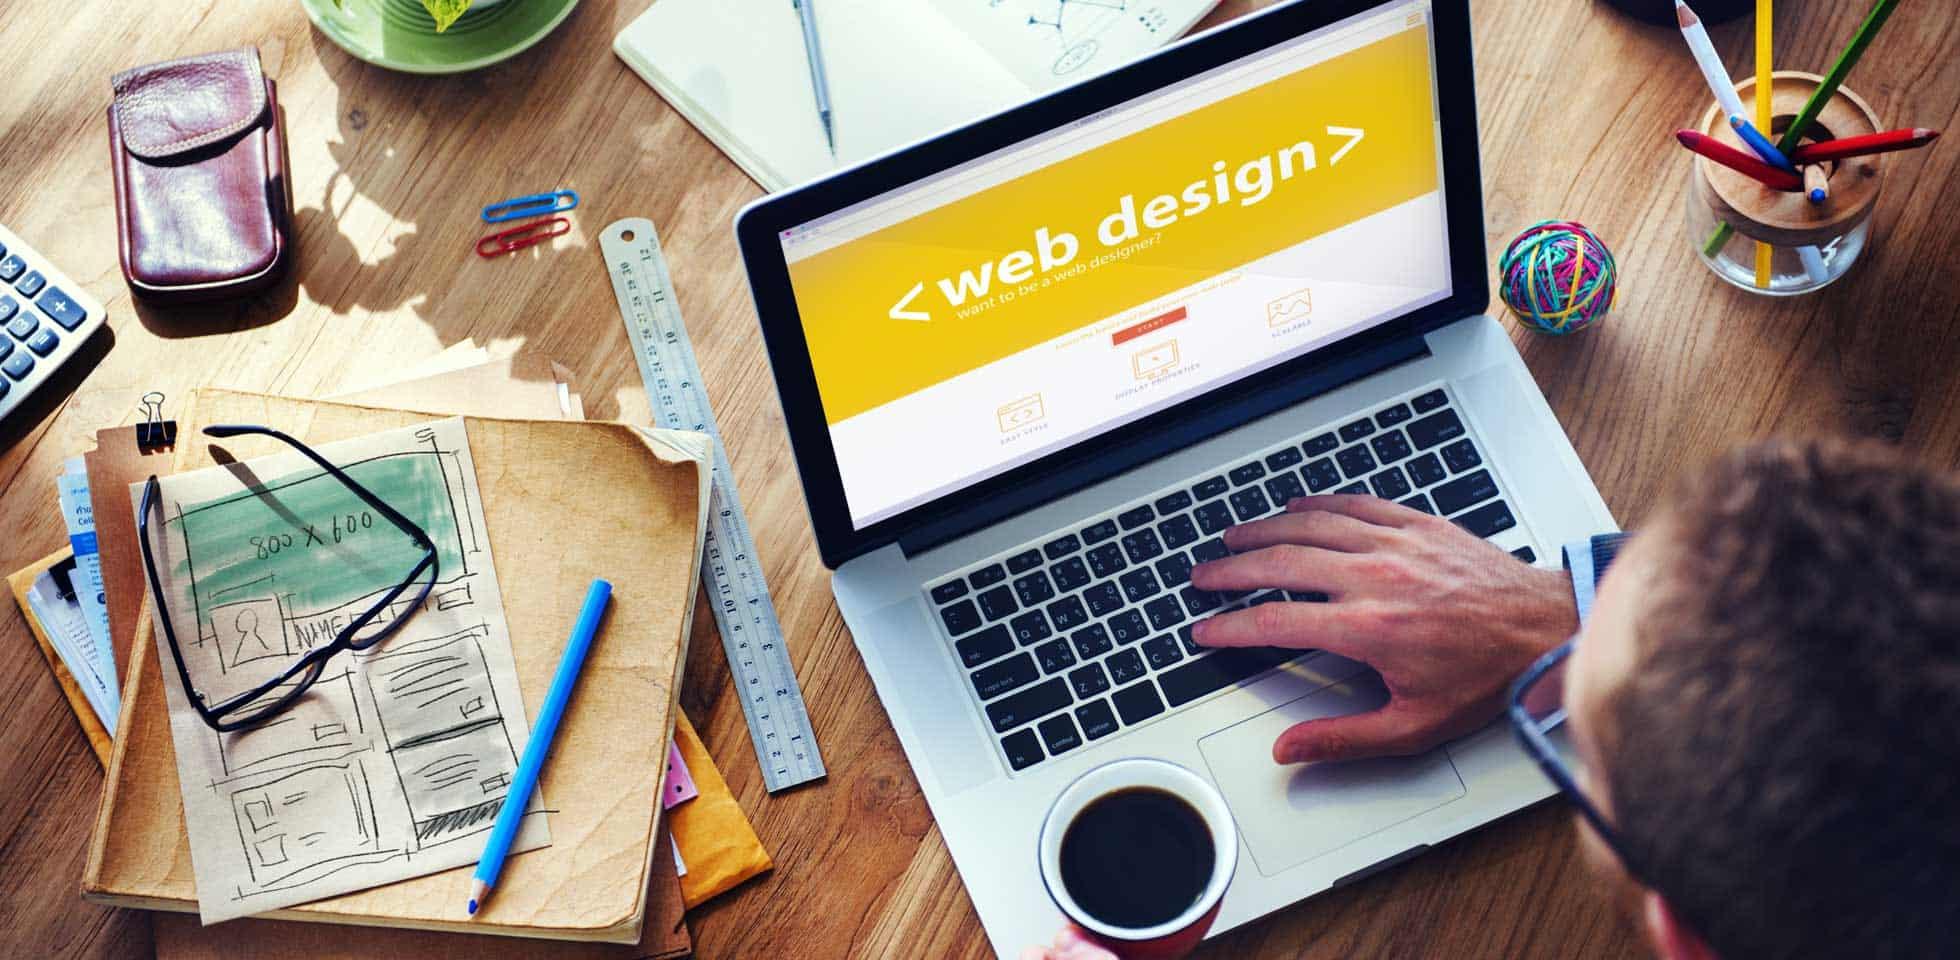 Formation Graphisme pour apprendre le métier du Digital avec Photoshop, Illustrator & InDesign